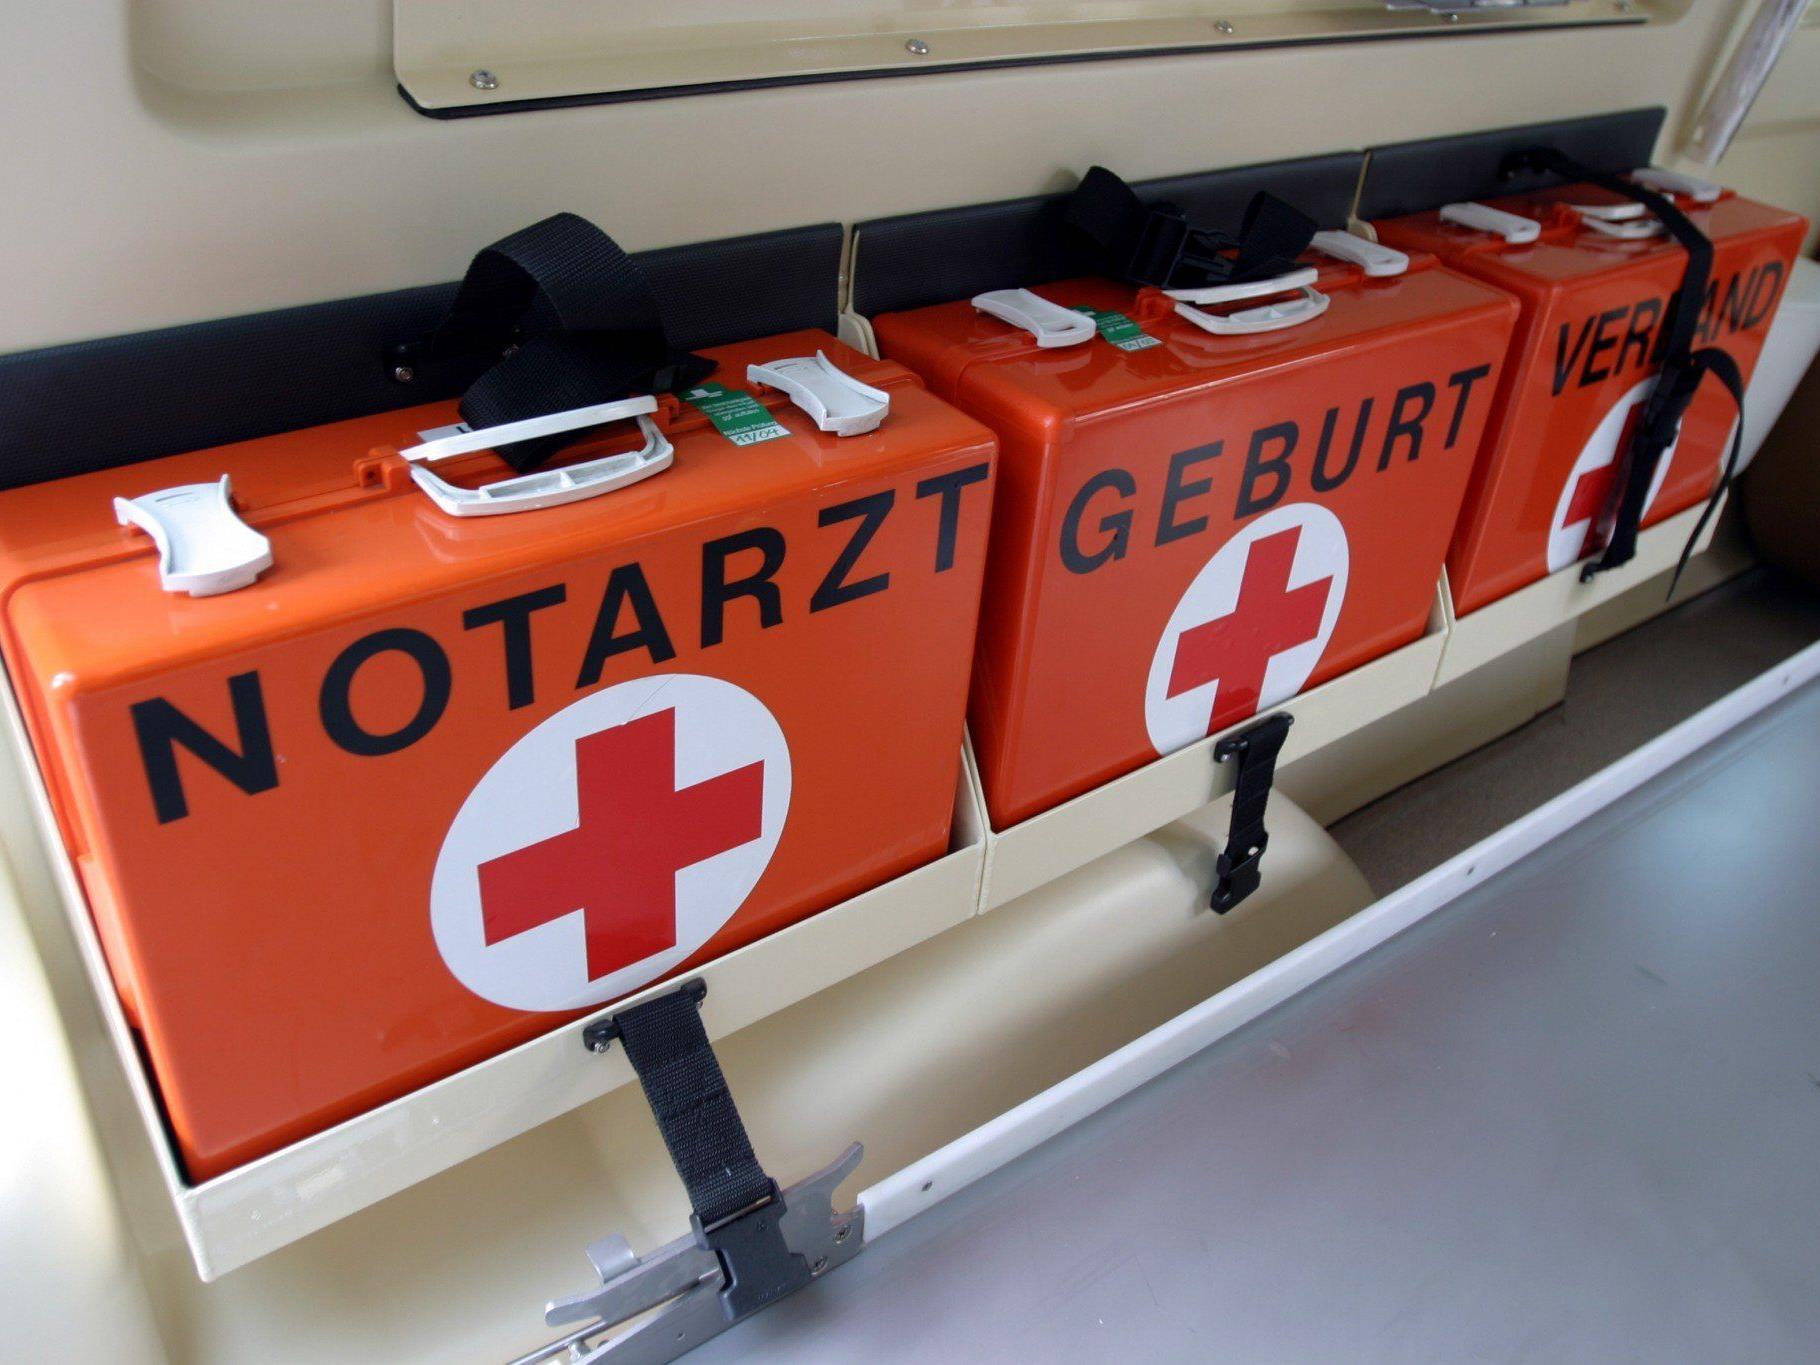 Der Verletzte wurde mit dem Notarzthubschrauber ins LKH Feldkirch geflogen.